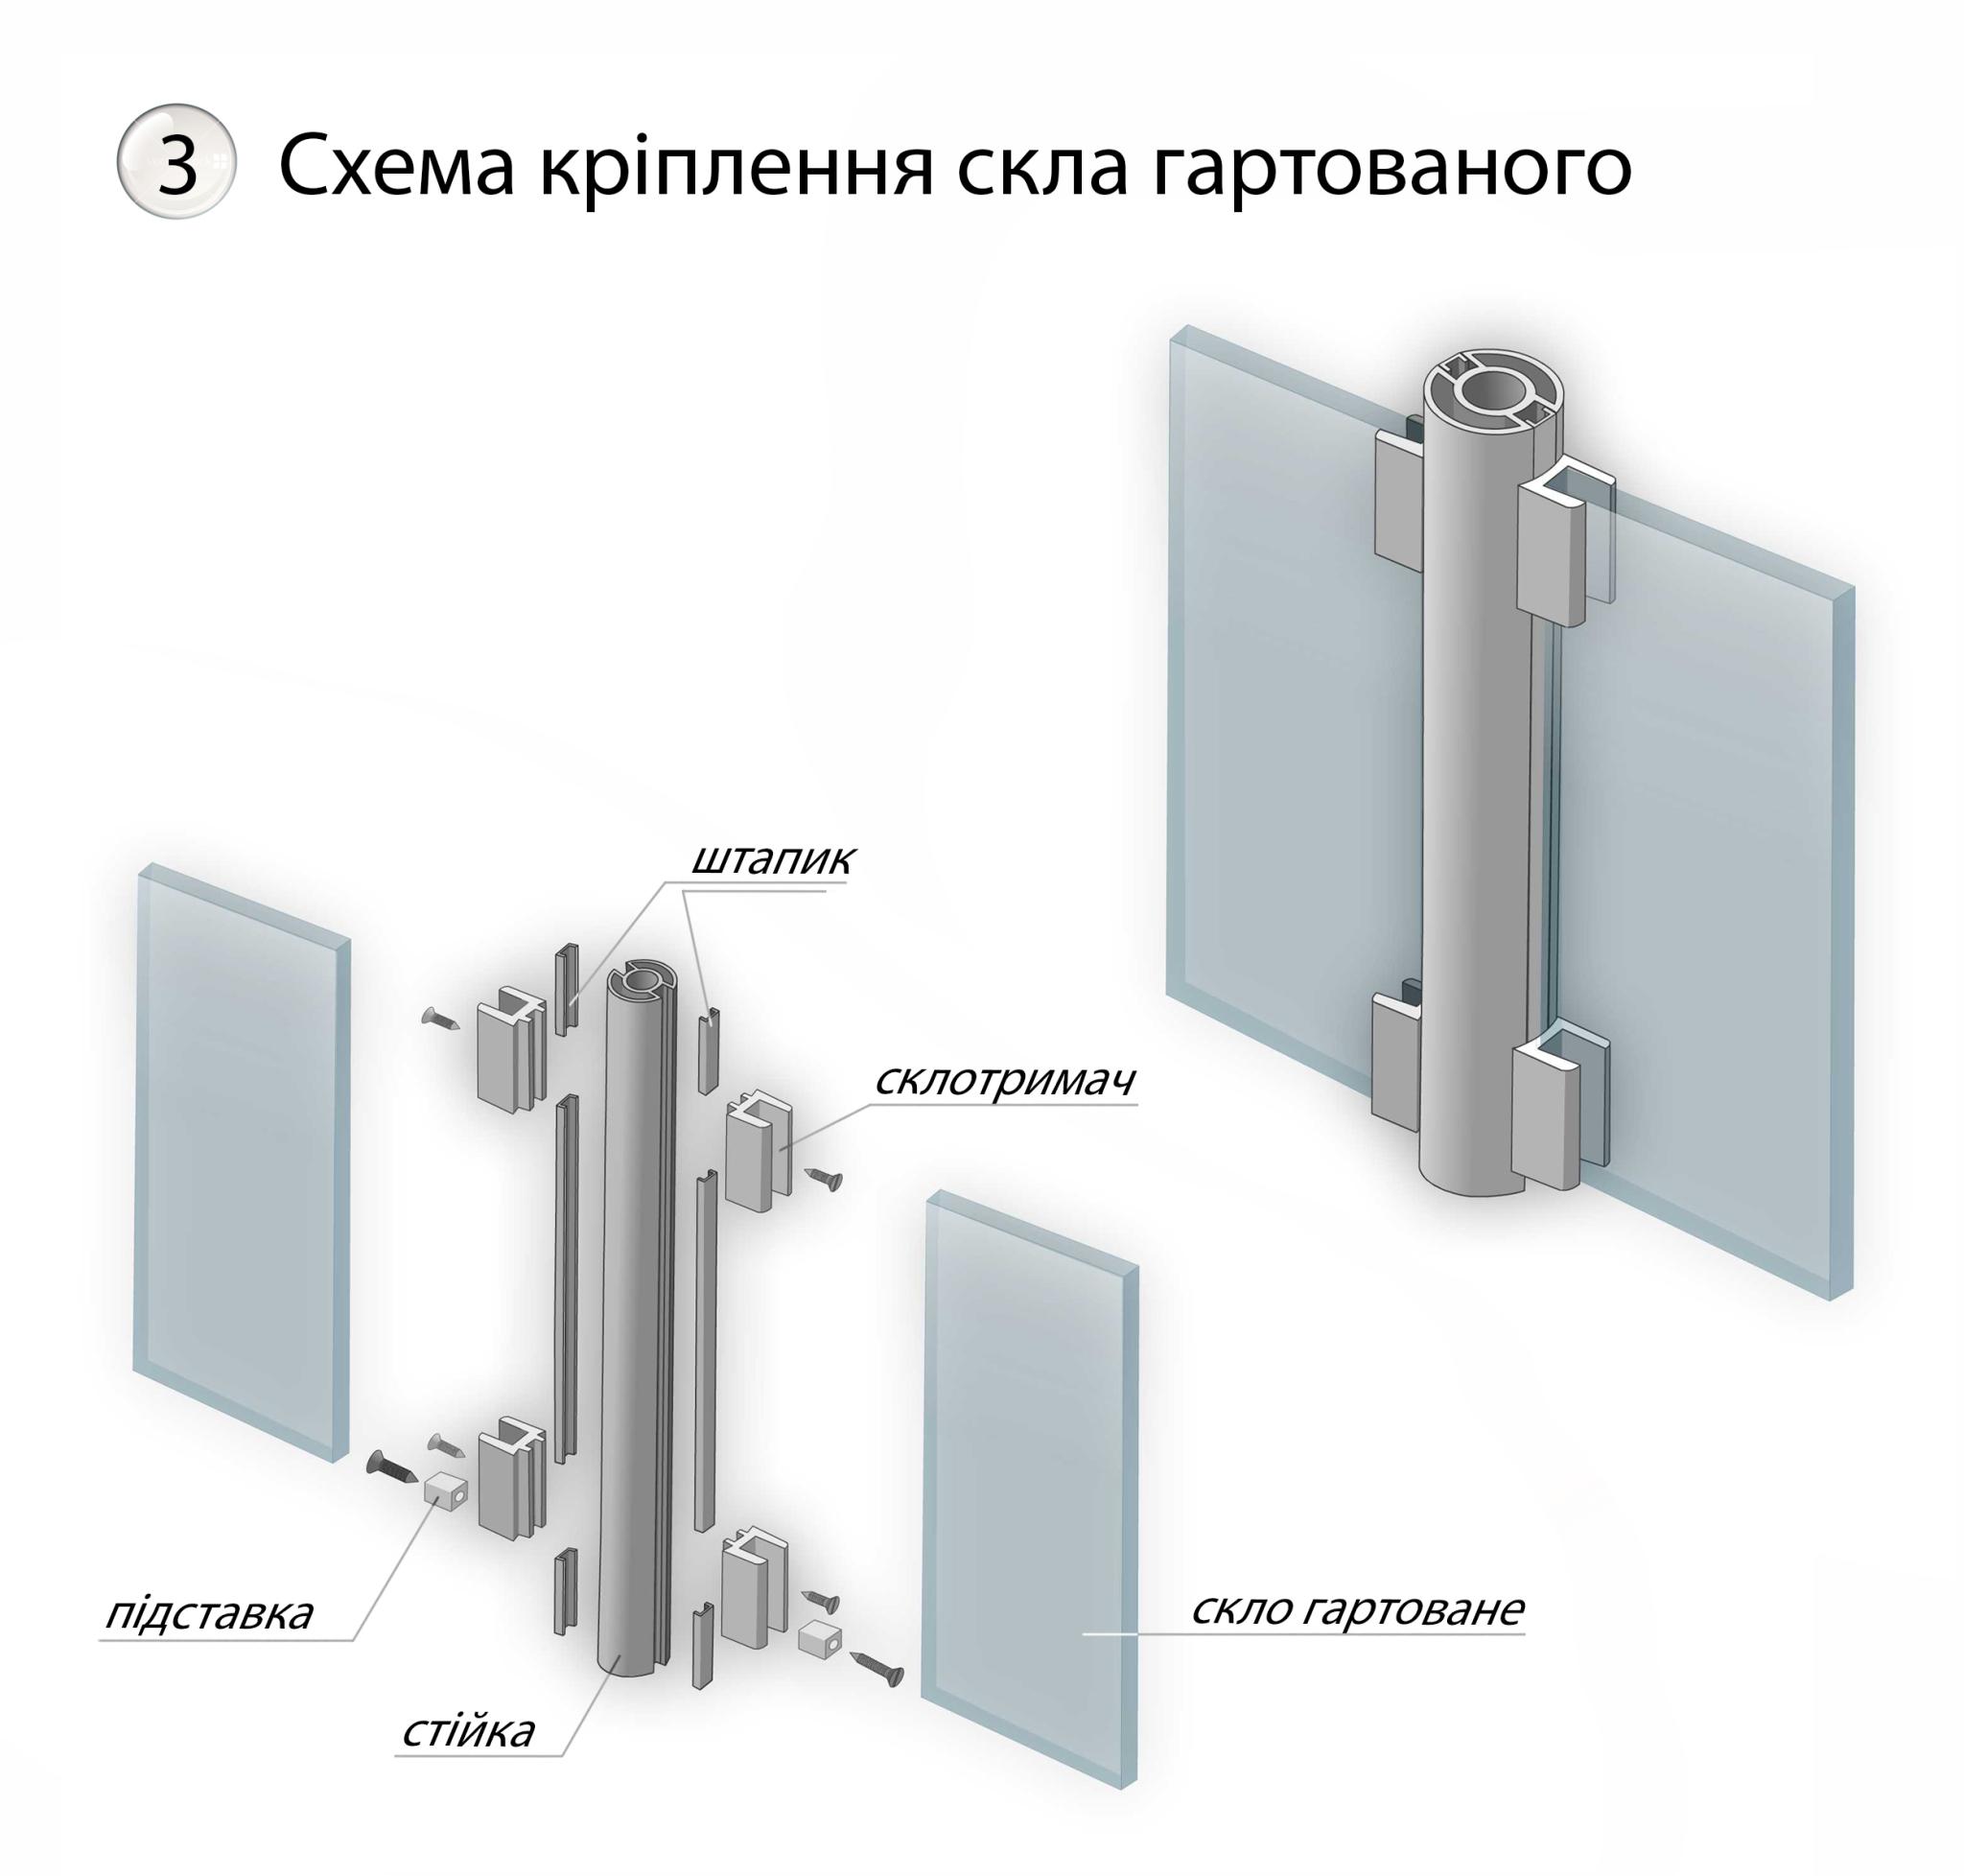 Схема кріплення скла гартованого